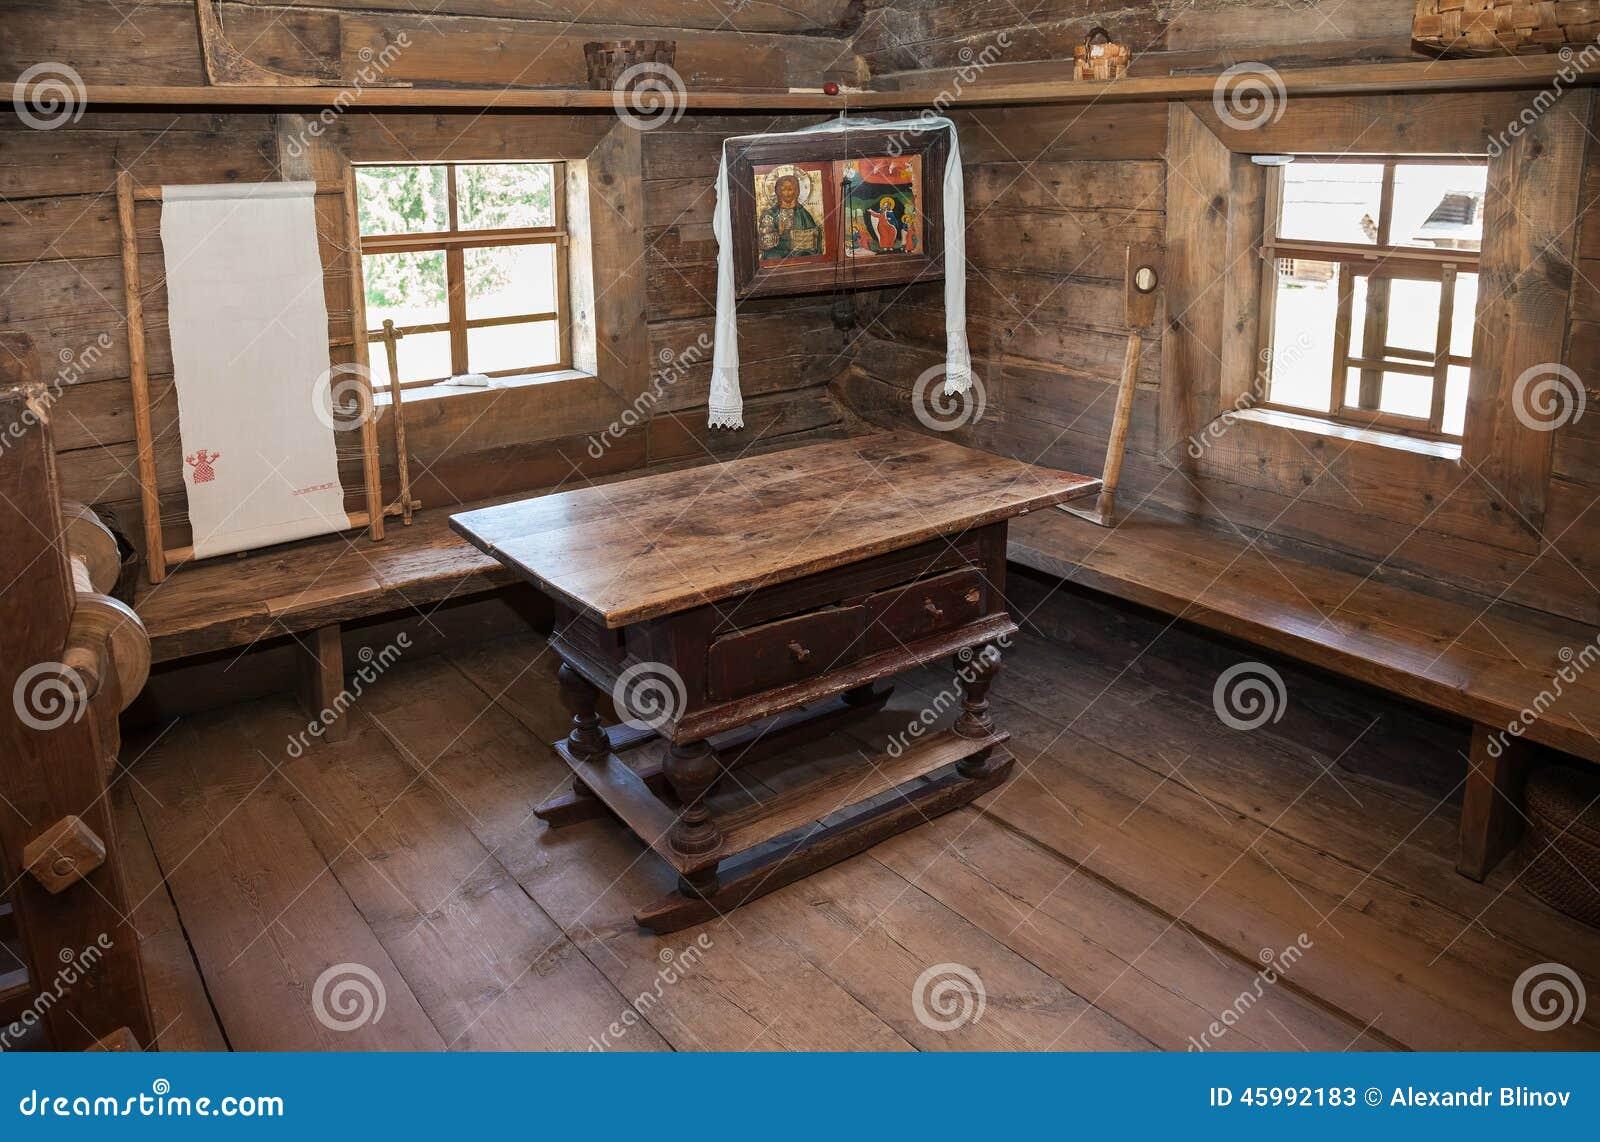 Interieur d une maison en bois maison moderne for Interieur d une maison